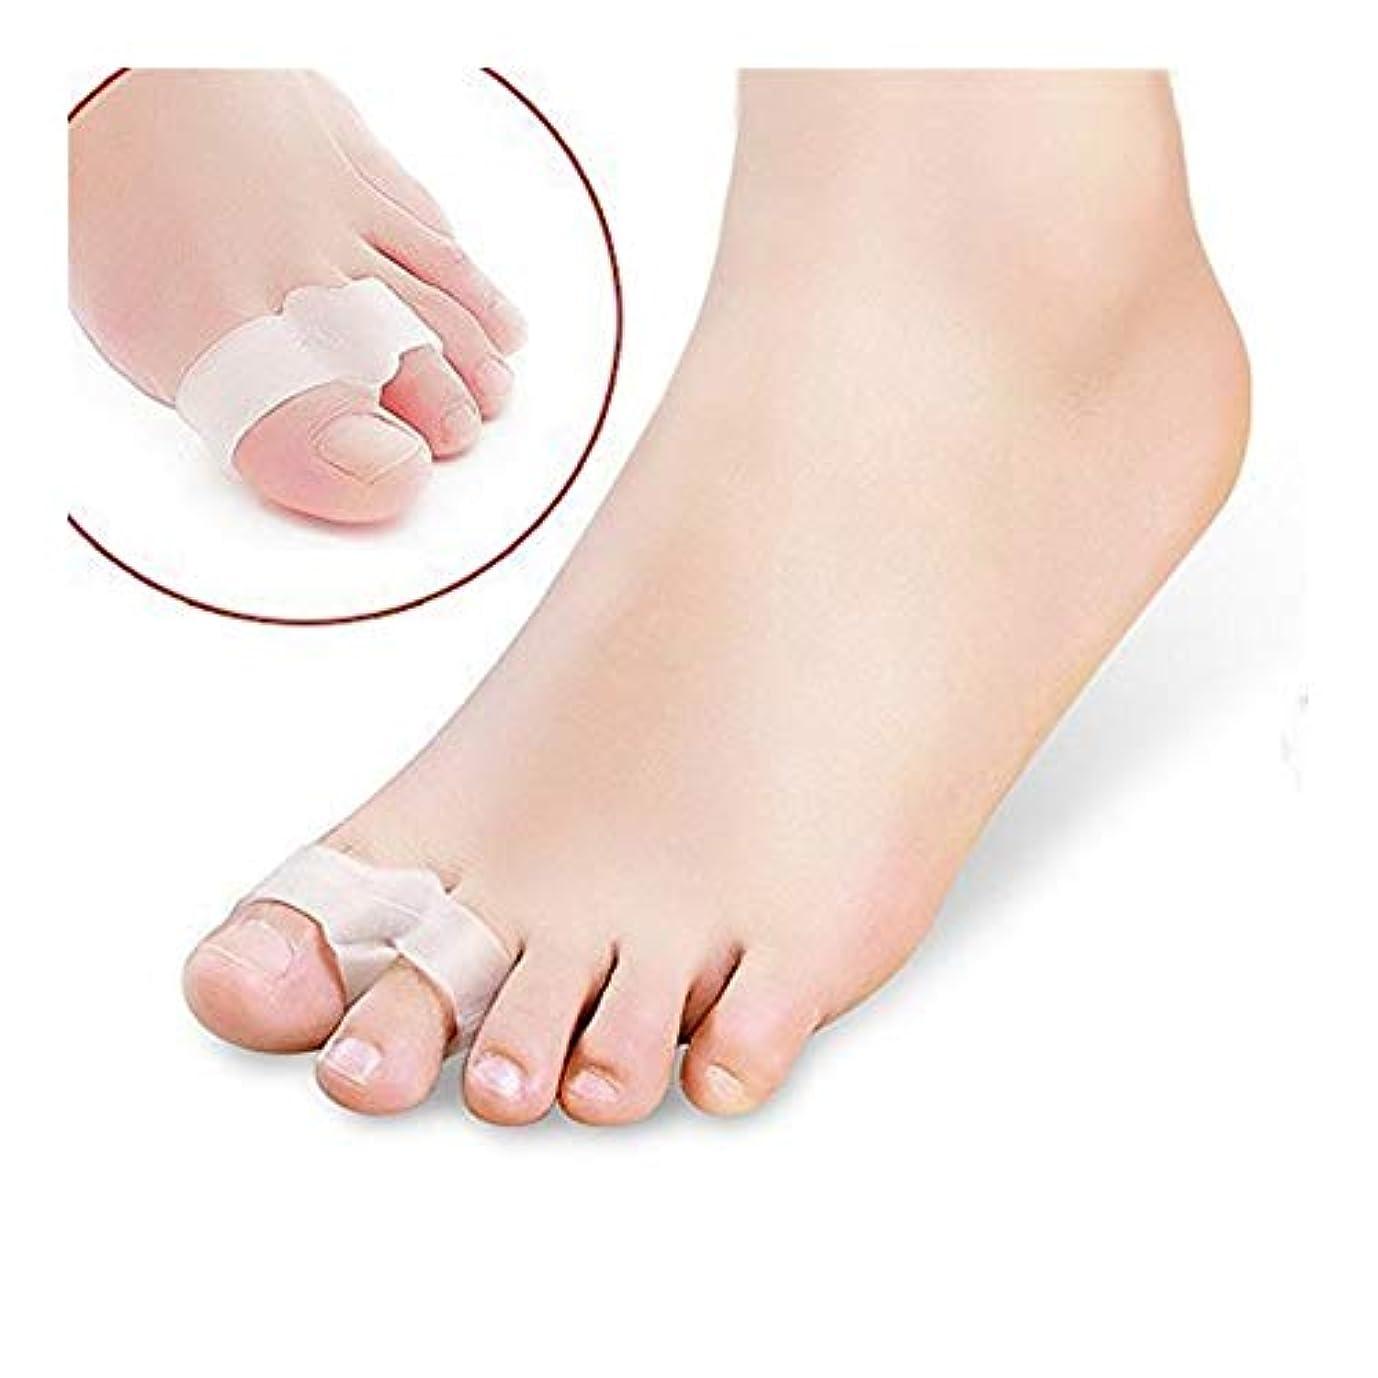 であることトムオードリース逆に外反母趾サポーター 親指矯正グッズ 厚型ジェルパッド 足指を広げる 痛み改善 快適歩行 靴下履ける 高品質シリコン制 伸縮性 通気性 男女兼用 [1組] おしゃれ 人気